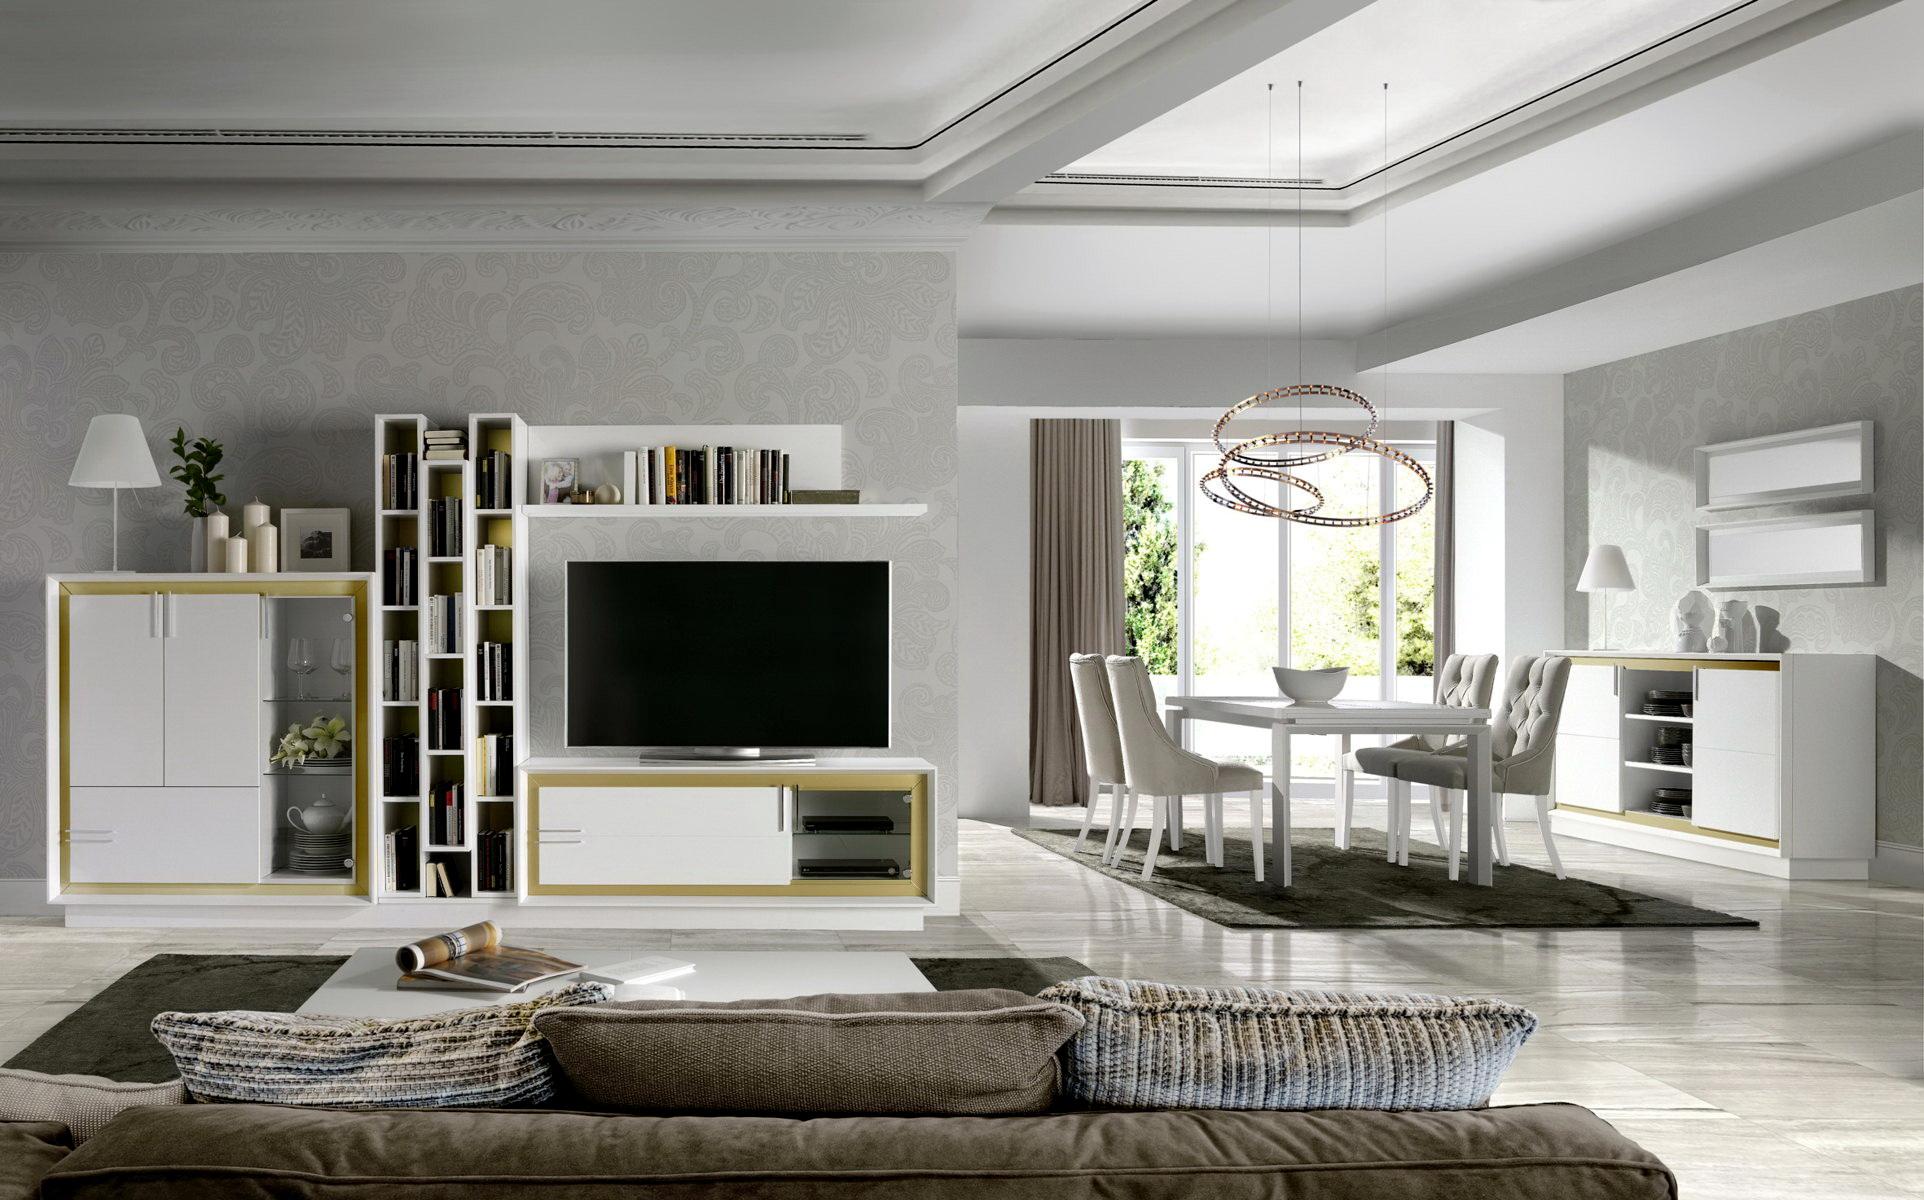 Ariadna Modern Sal N By Huertas Furniture Muebles Anto N # Muebles La Huerta